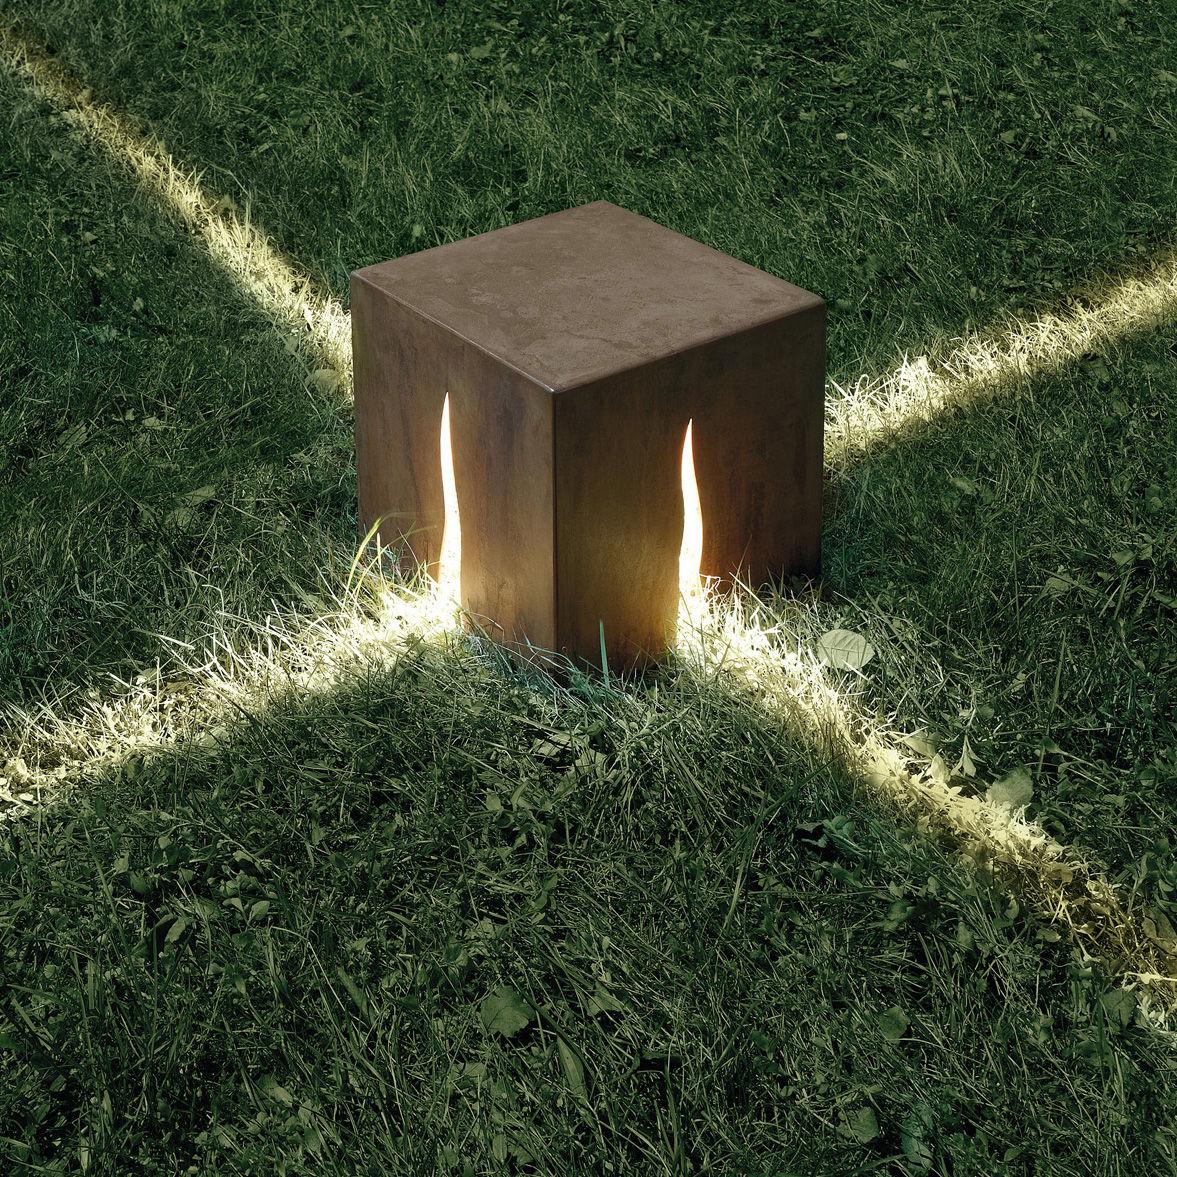 Luminaire - Luminaires d'extérieur - Lampe de sol Granito H 30 cm - Pour l'extérieur - Artemide - H 30 cm - Couleur bois - Acier